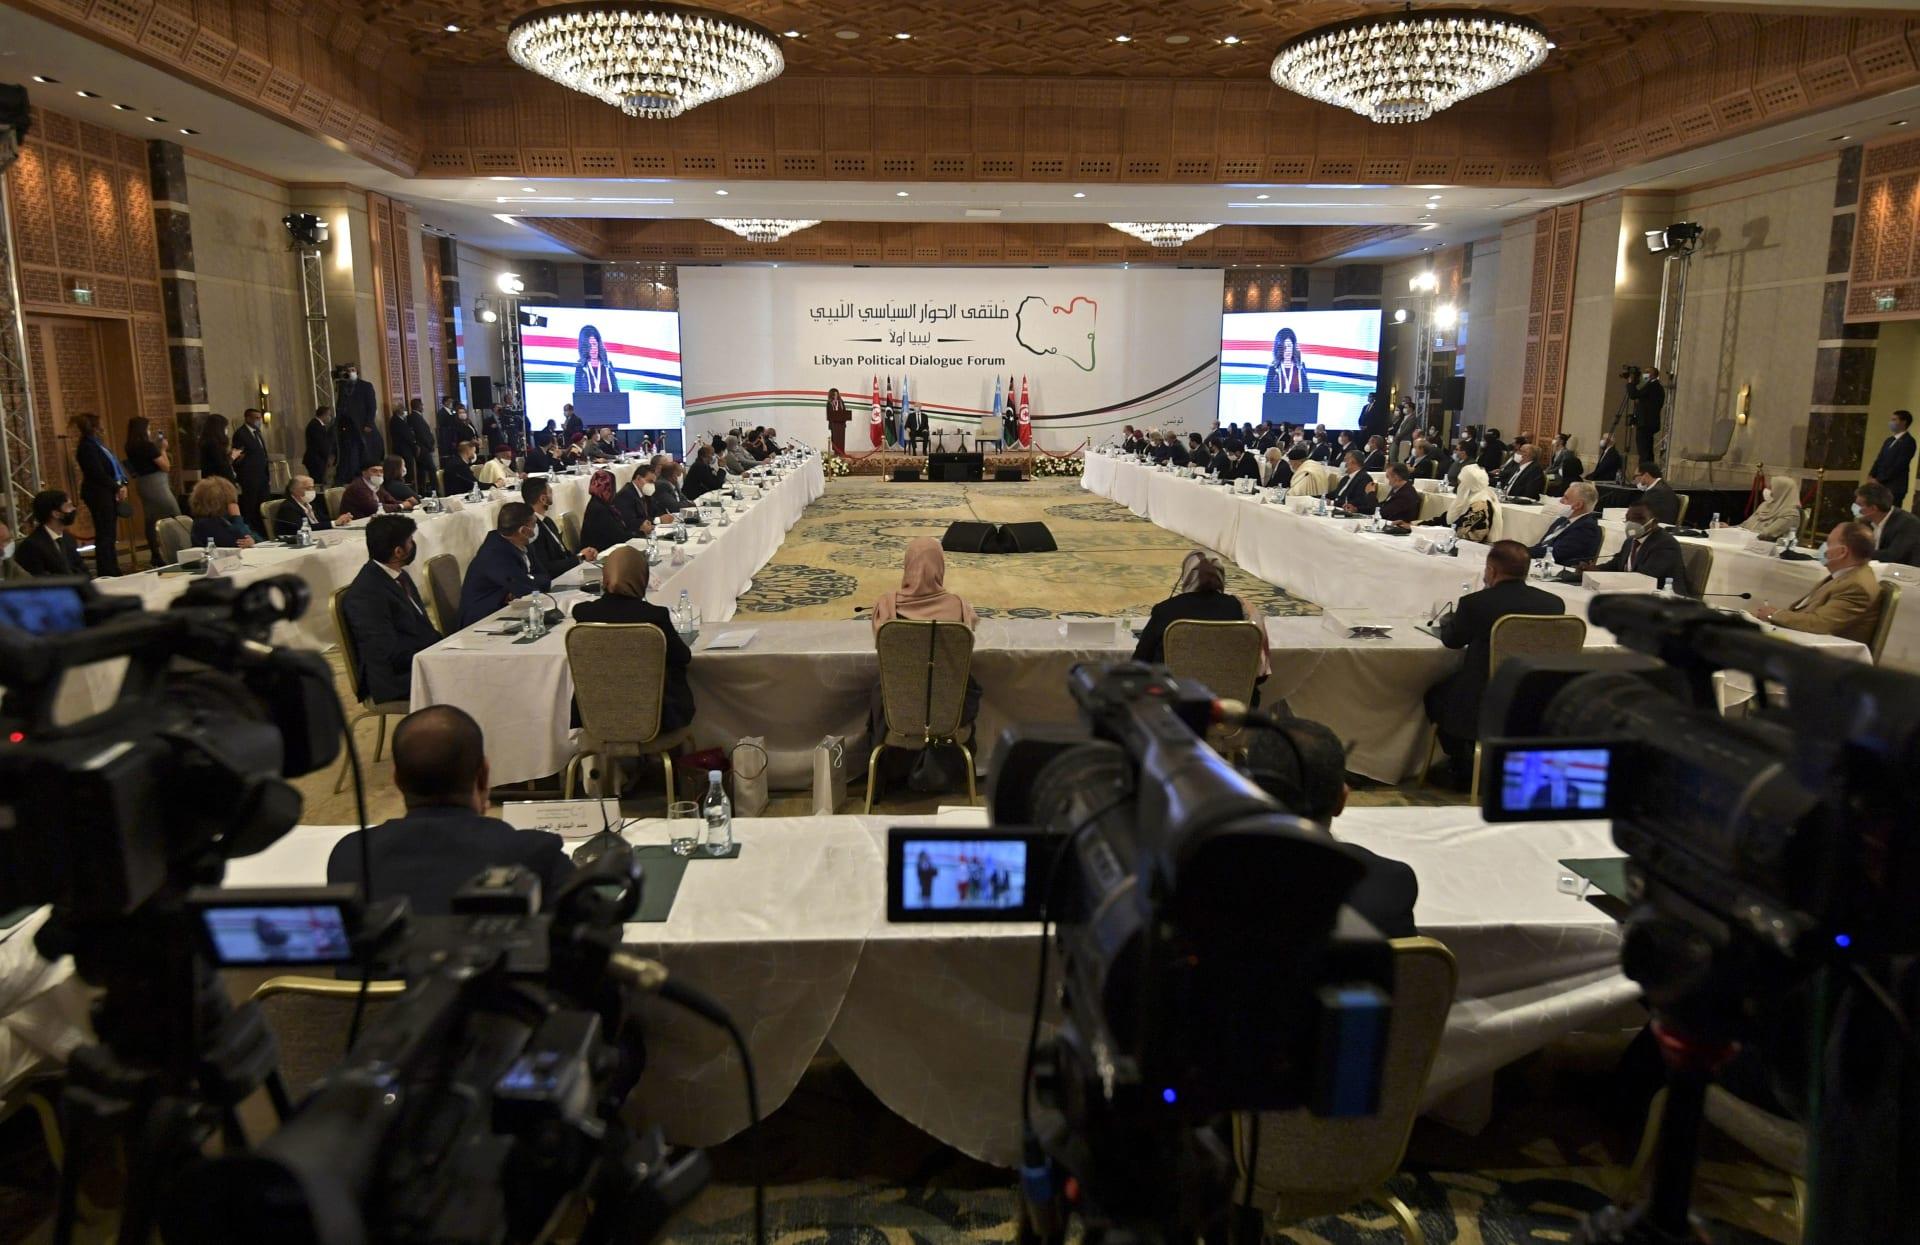 """ليبيا: انتخاب عبدالحميد دبيبه لرئاسة الحكومة الانتقالية.. ومحمد المنفي لـ""""الرئاسي"""""""